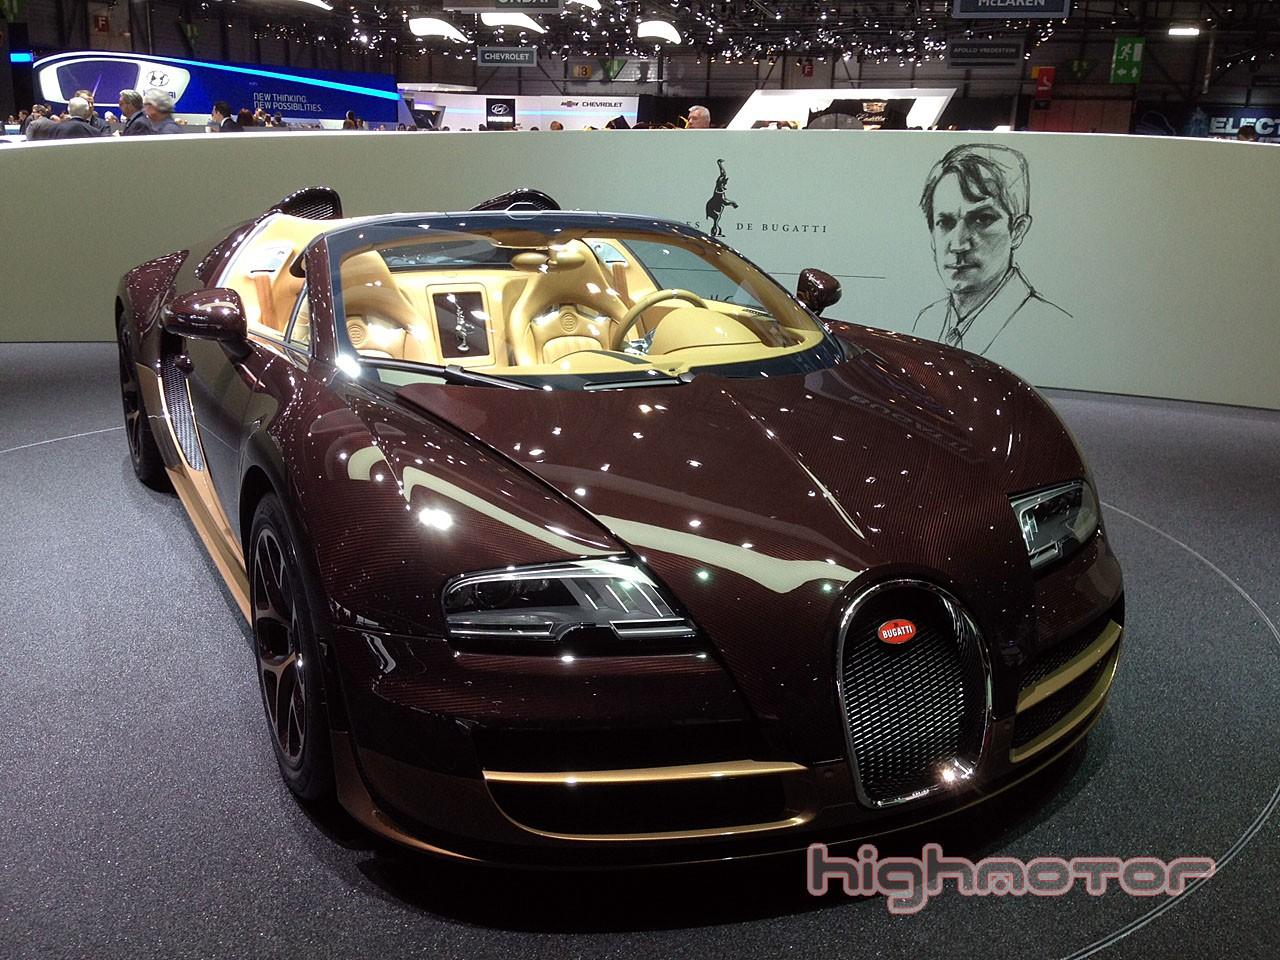 Bugatti prepara un sucesor del Veyron para 2015